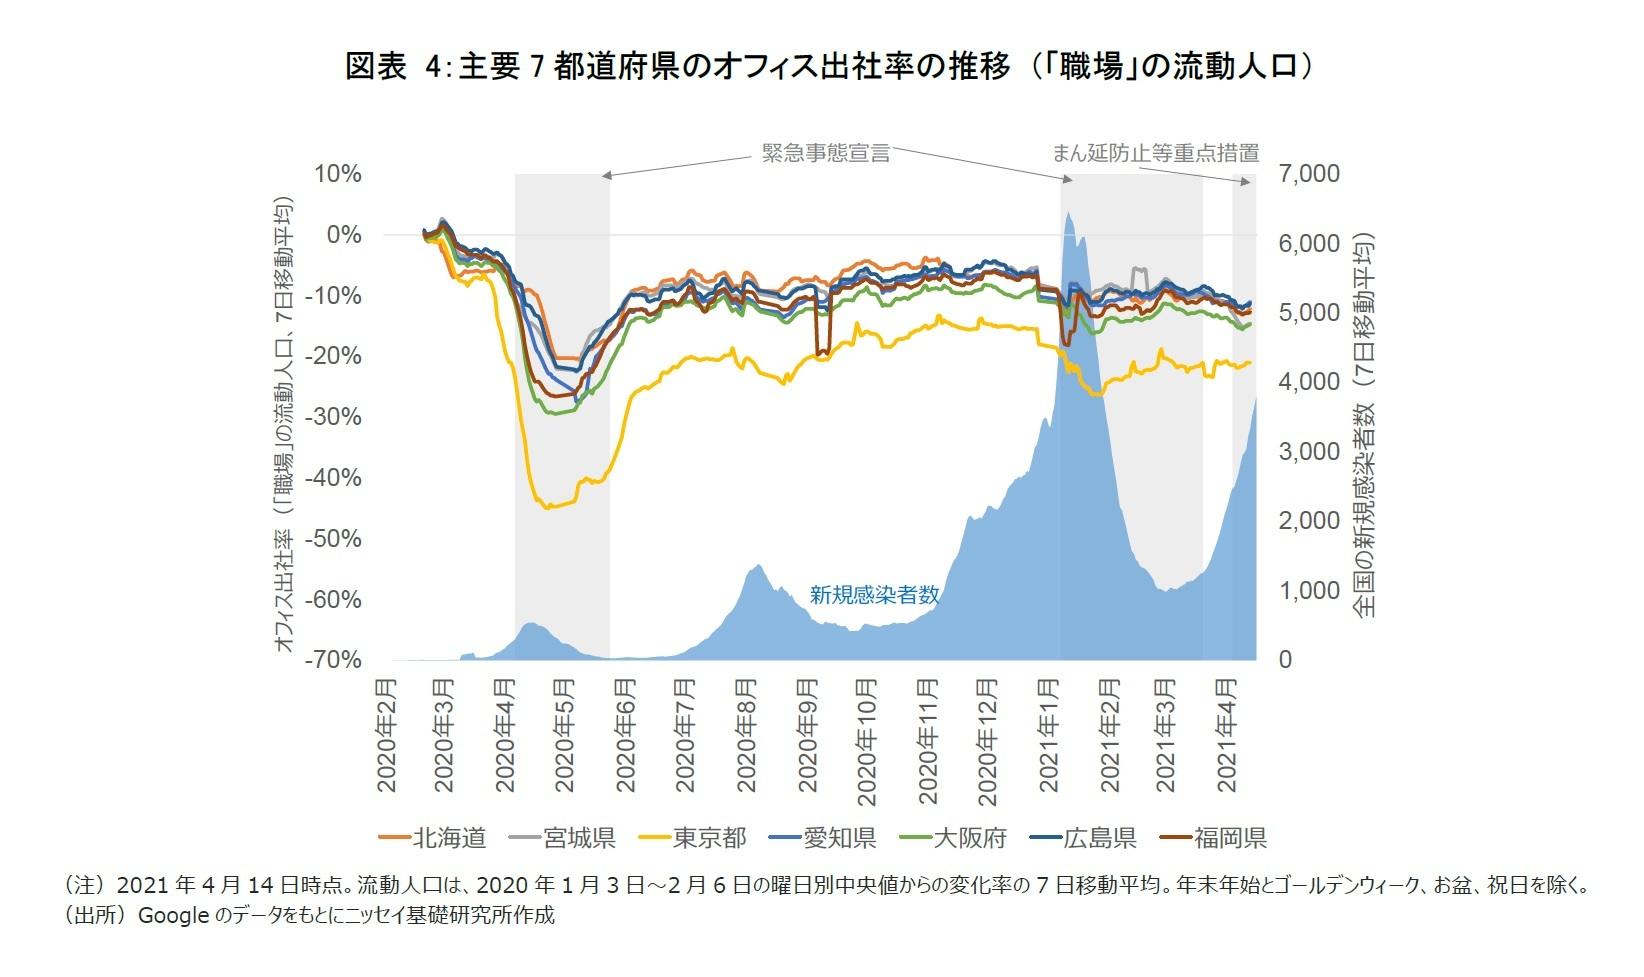 図表4:主要7都道府県のオフィス出社率の推移 (「職場」の流動人口)